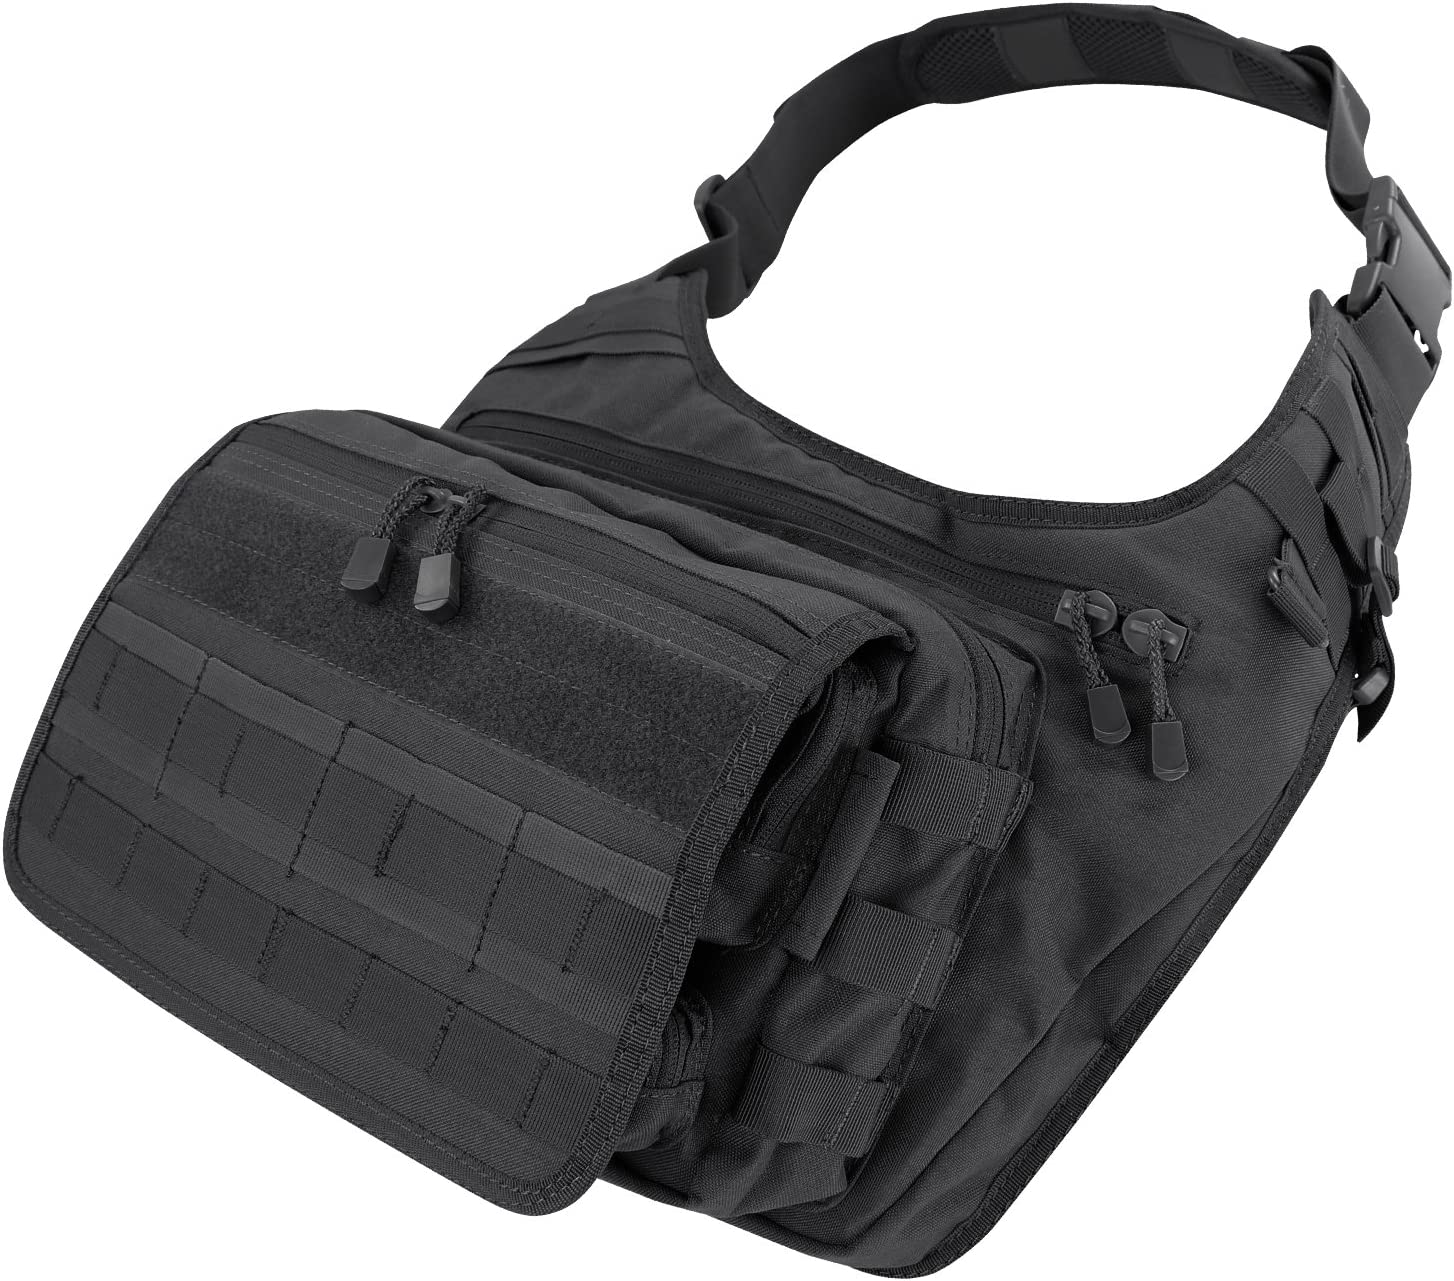 CONDOR Messenger Bag